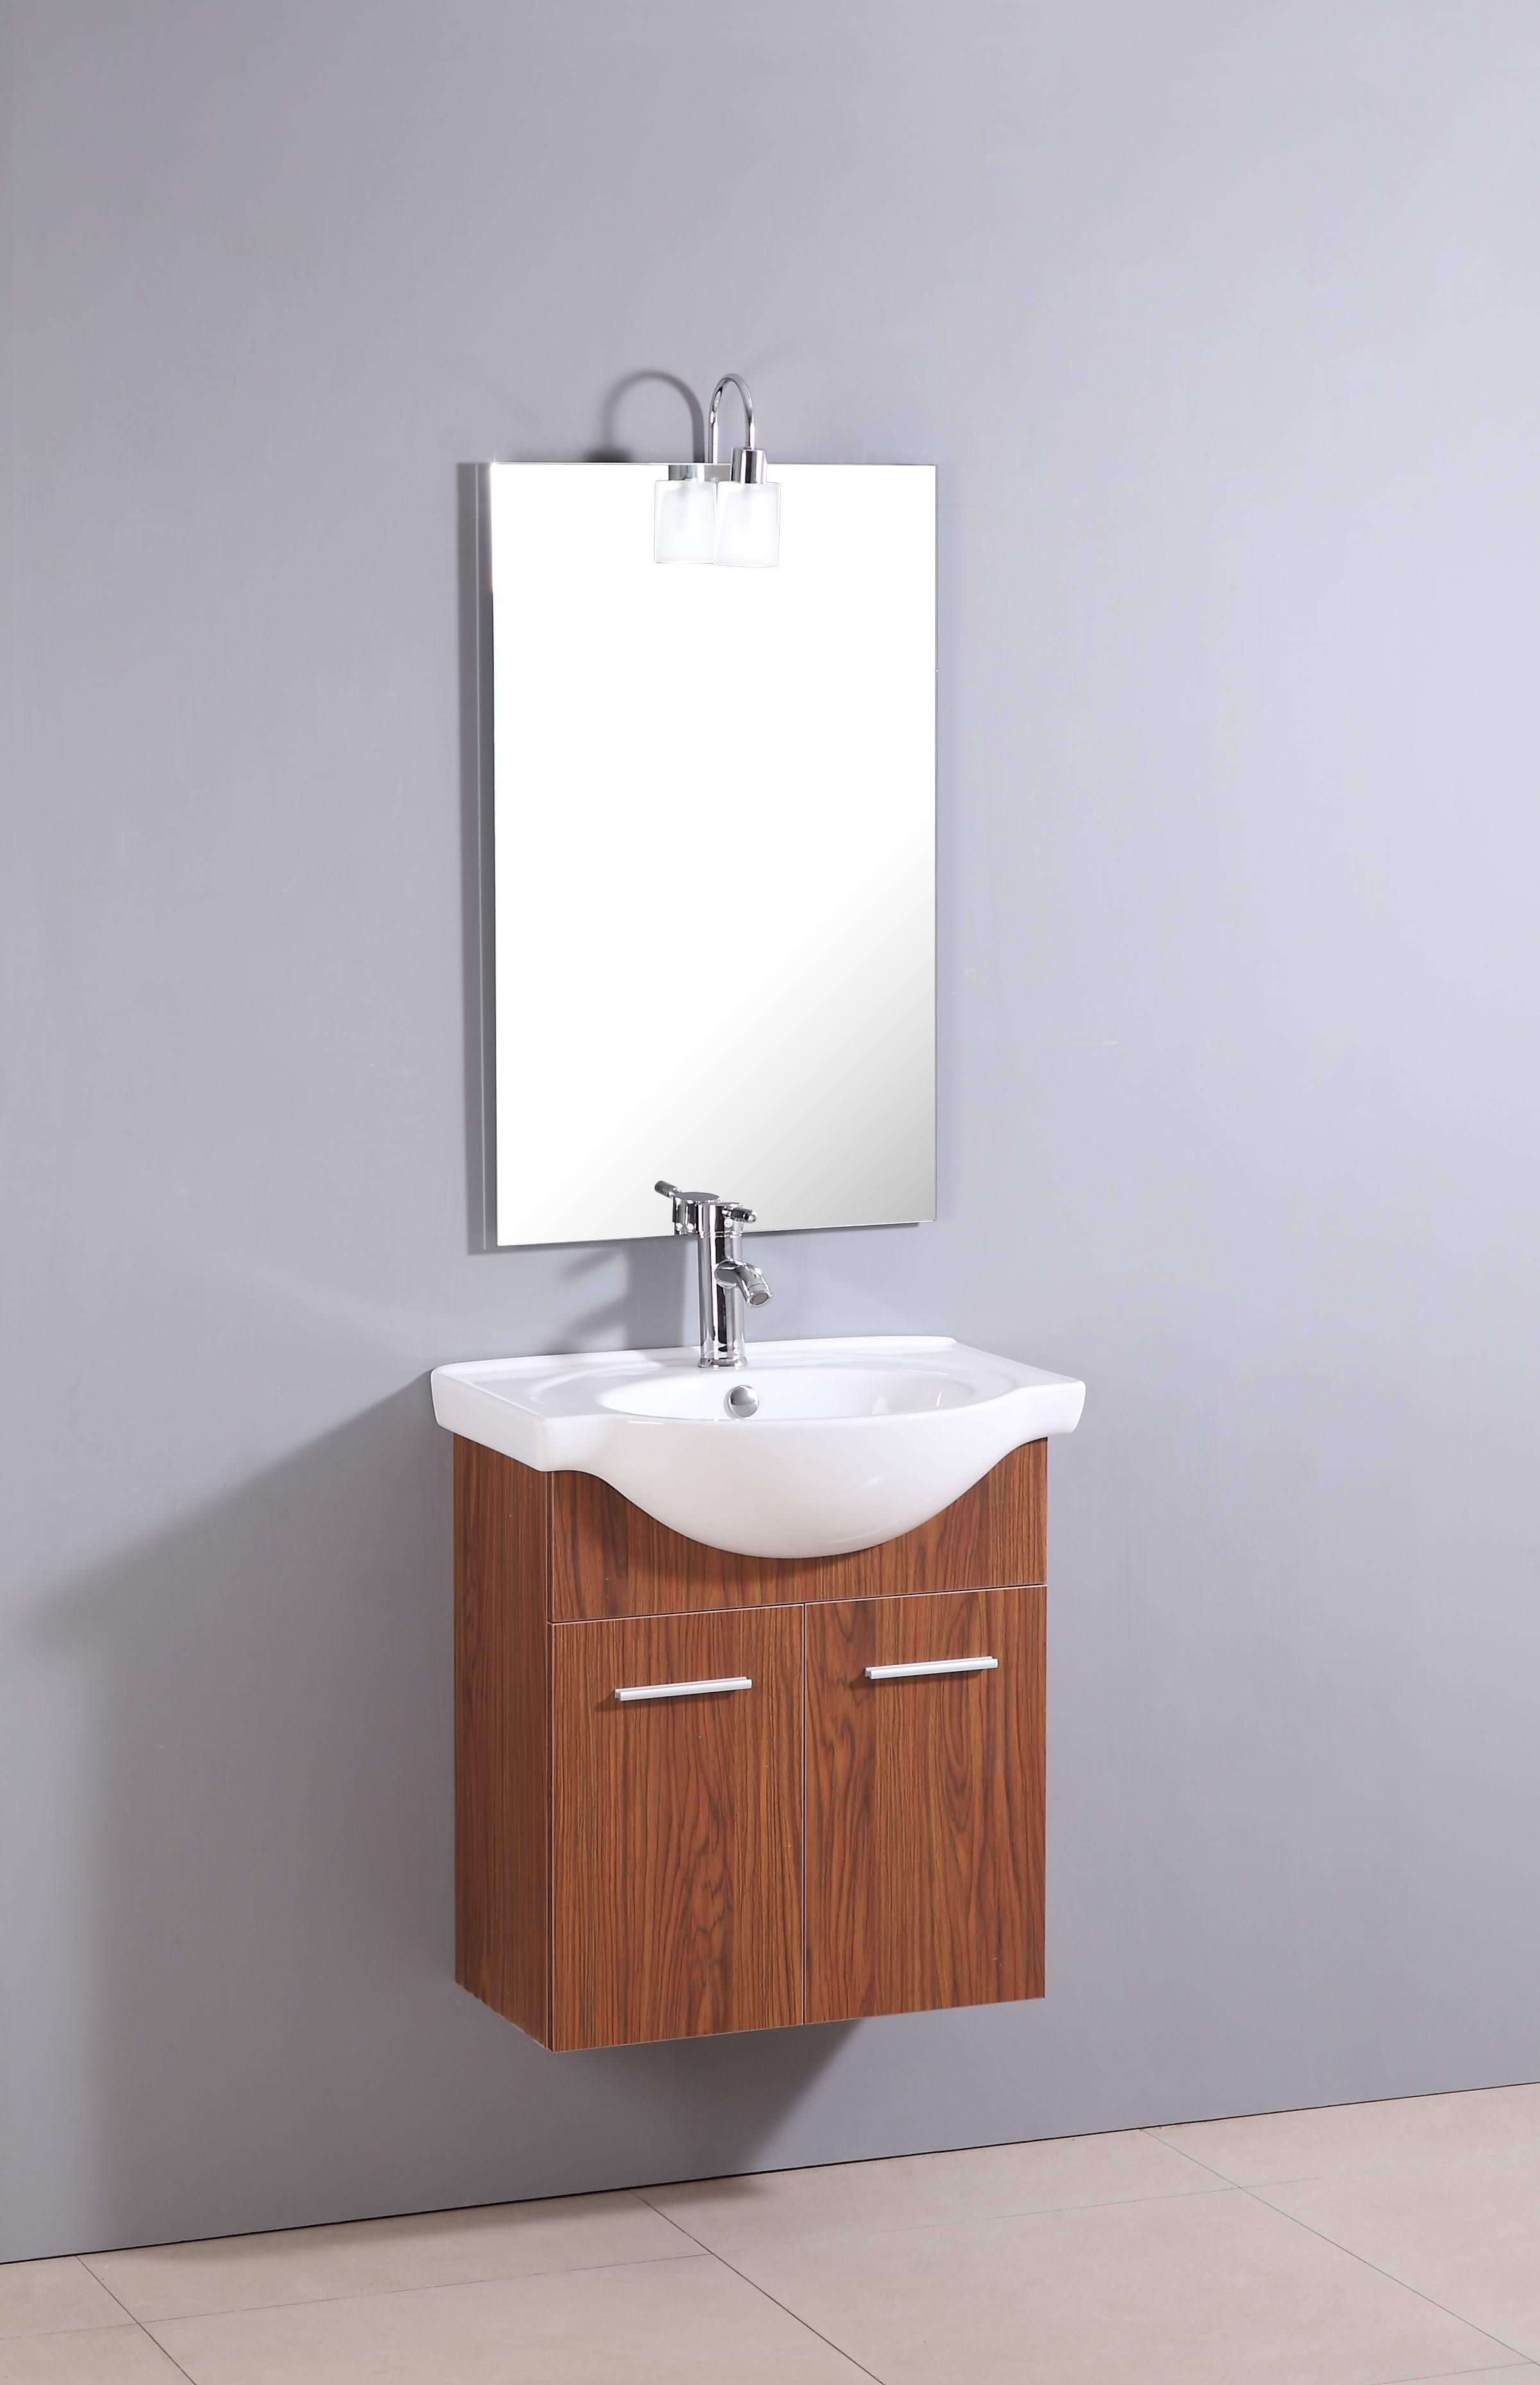 design waschtisch g ste wc mit armatur spiegel und beleuchtung sofort 6042 ebay. Black Bedroom Furniture Sets. Home Design Ideas